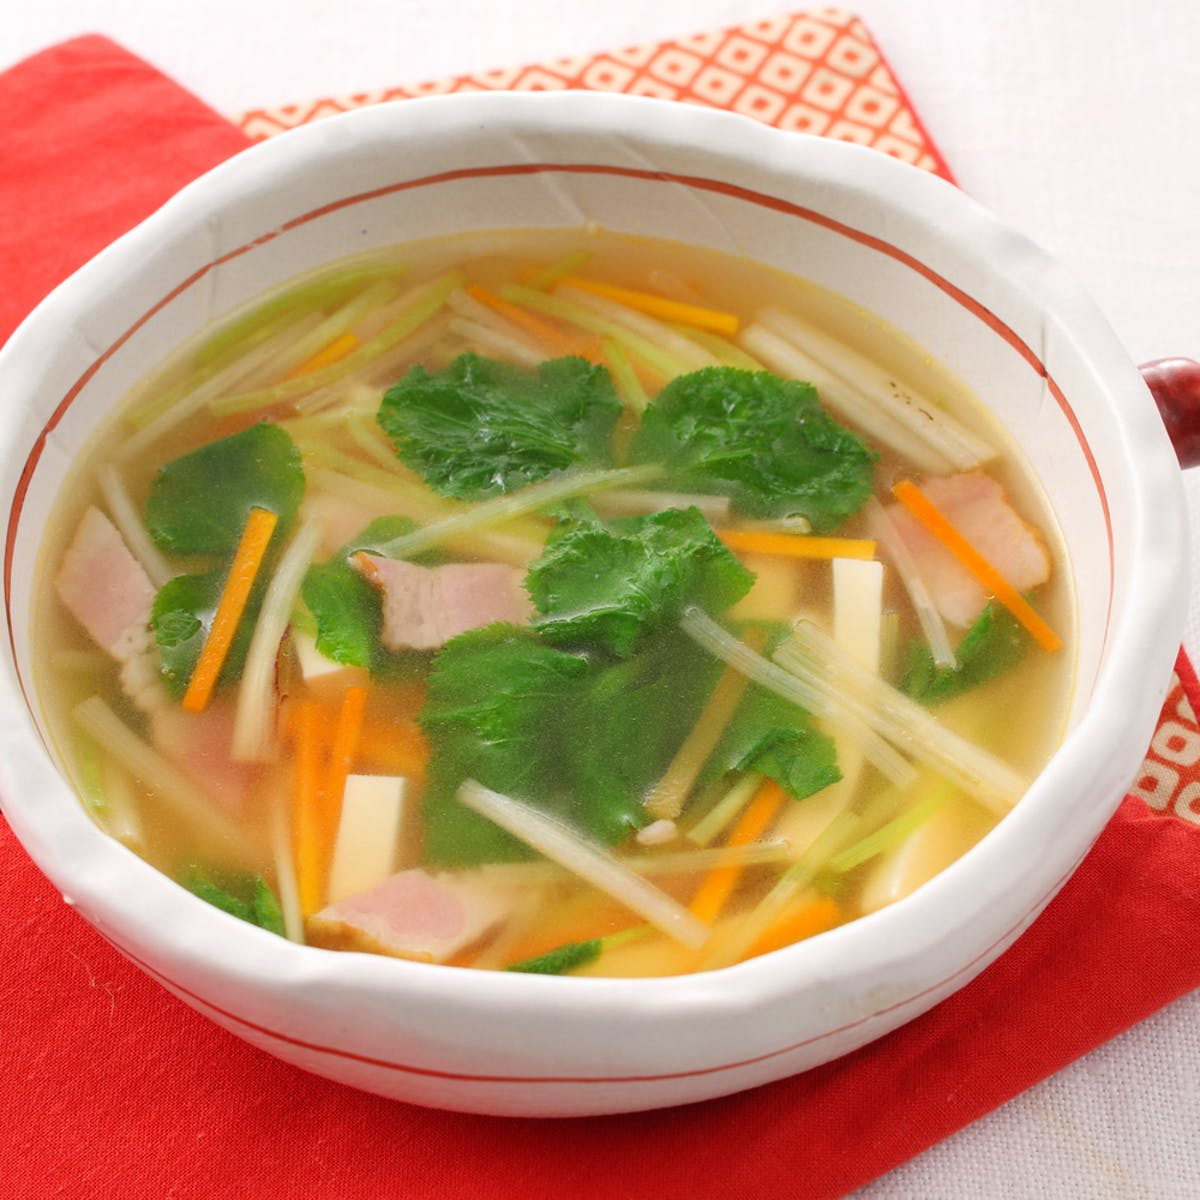 根みつばととうふのスープ